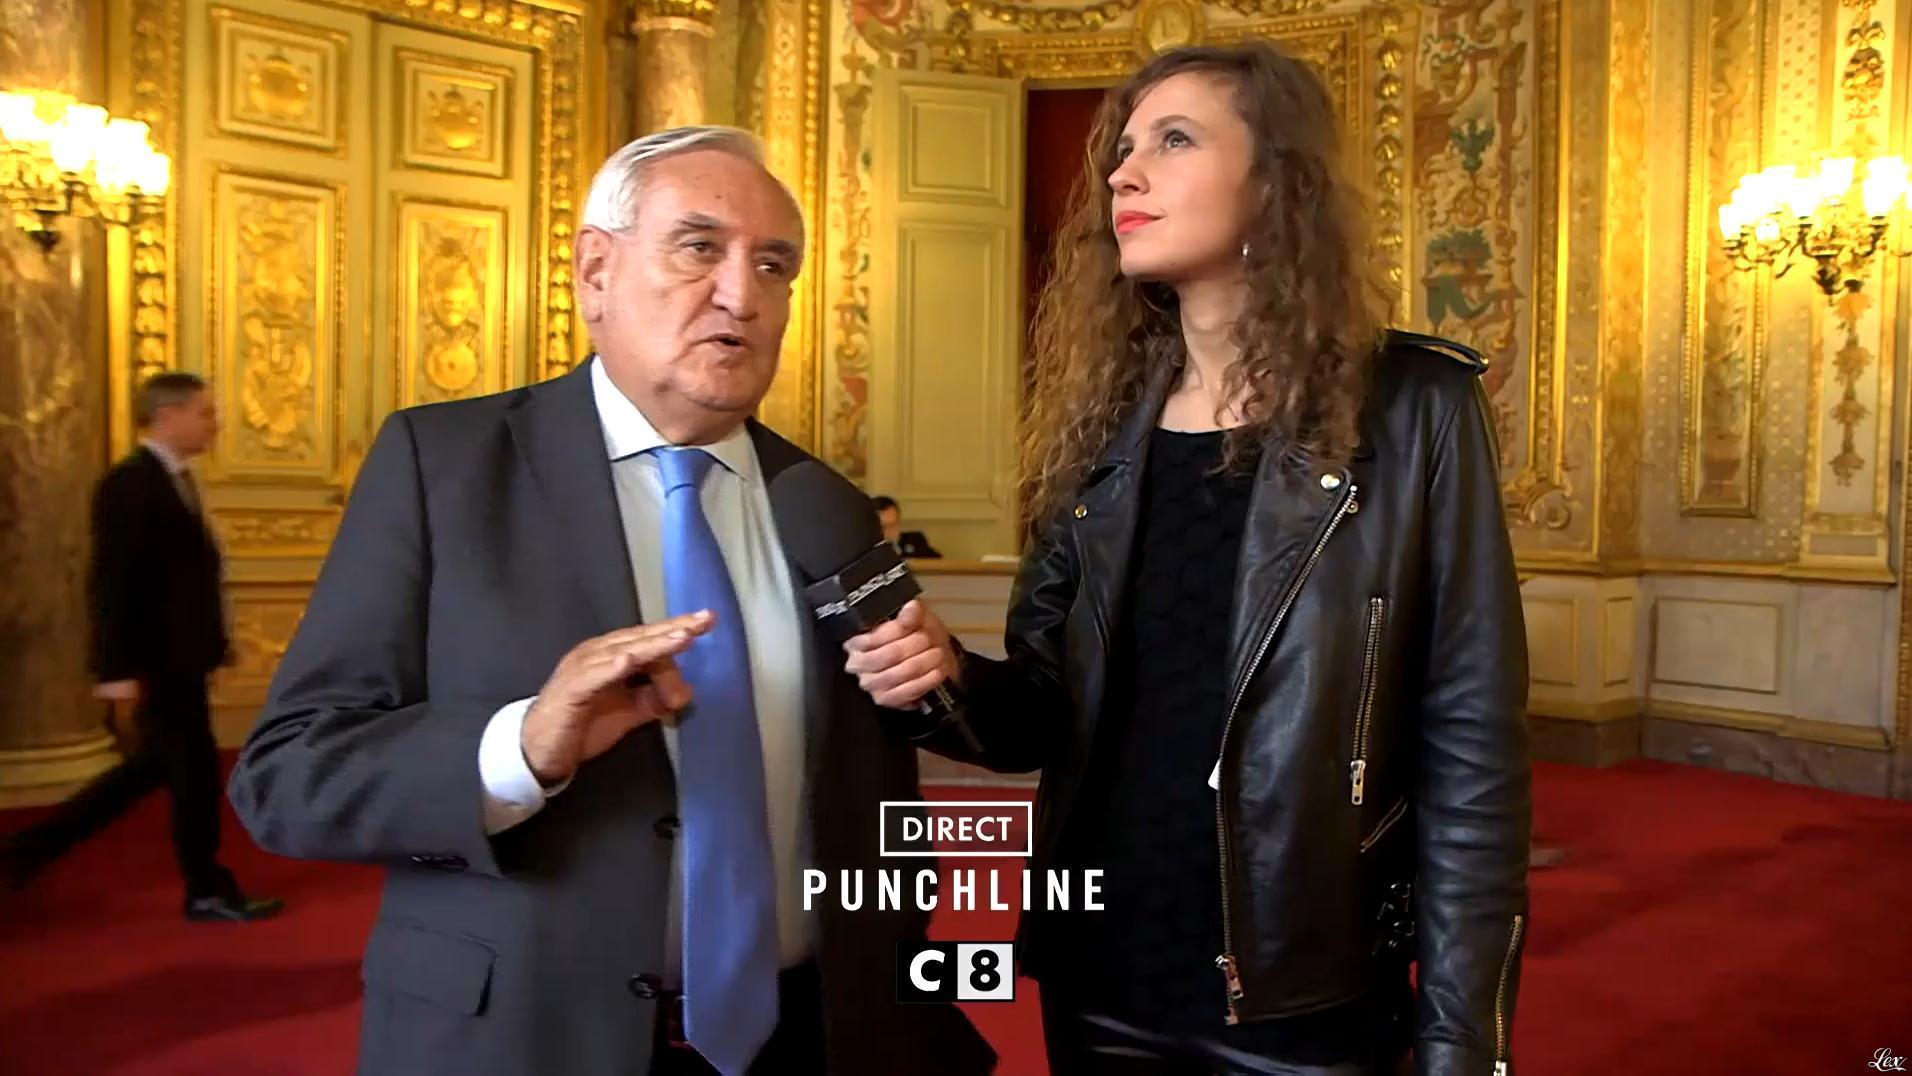 Une Inconnue dans une Bande-Annonce de Punchline. Diffusé à la télévision le 04/02/17.